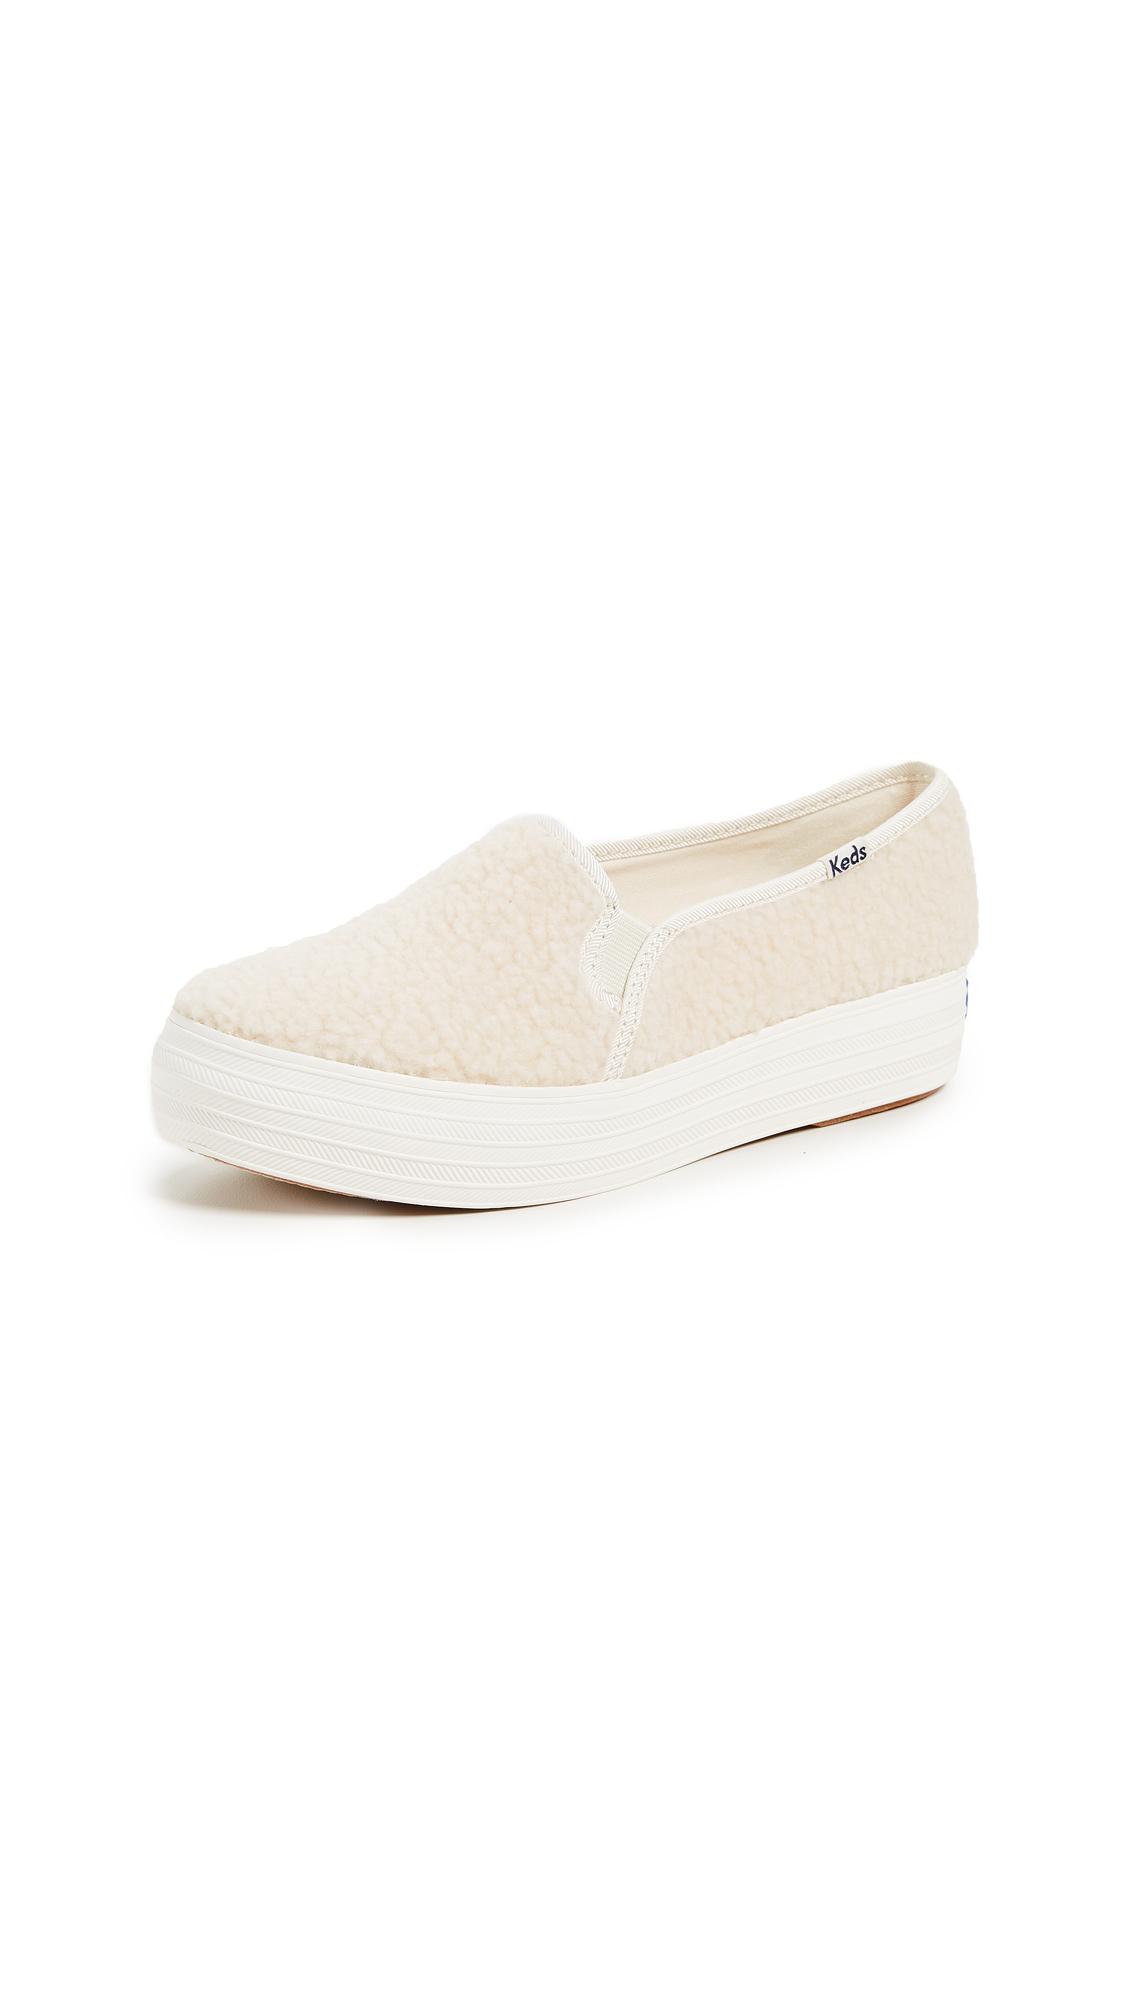 KEDS Triple Decker Sherpa Sneakers in Cream